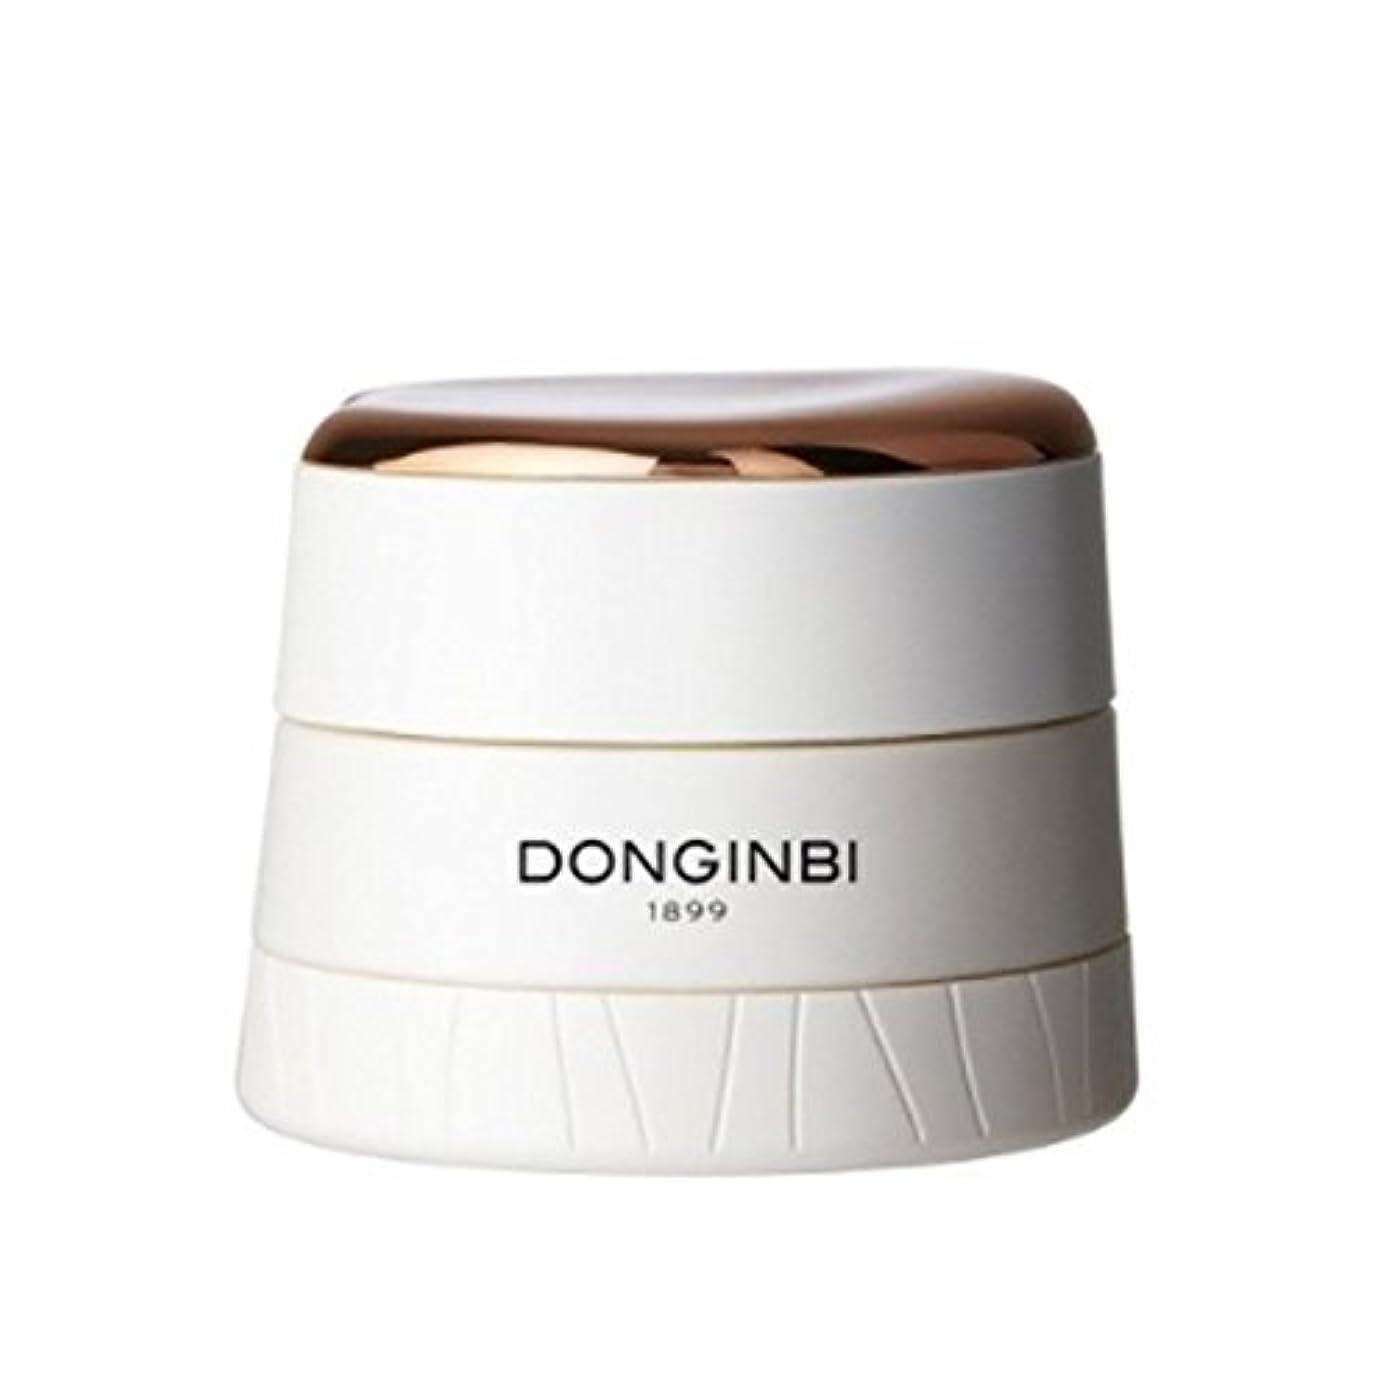 教室普遍的な修理工[ドンインビ]DONGINBI ドンインビユン クリーム60ml 海外直送品 cream 60ml [並行輸入品]